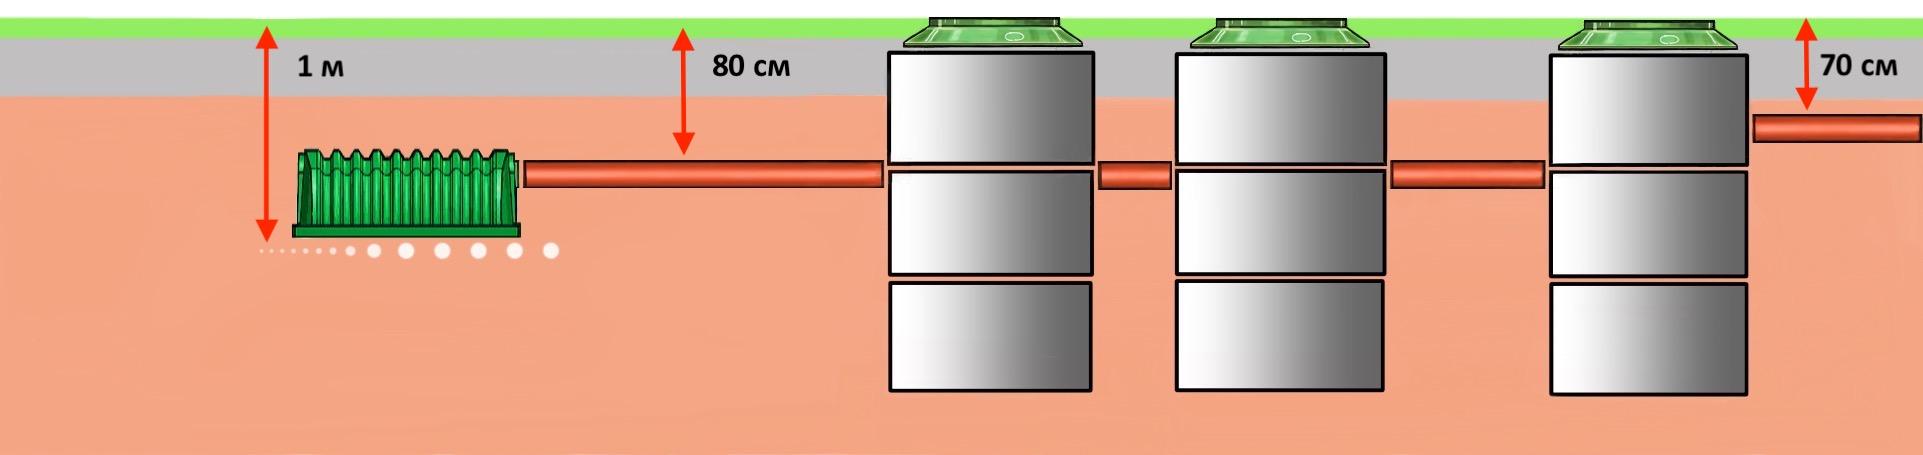 Ошибки строительства - поле фильтрации